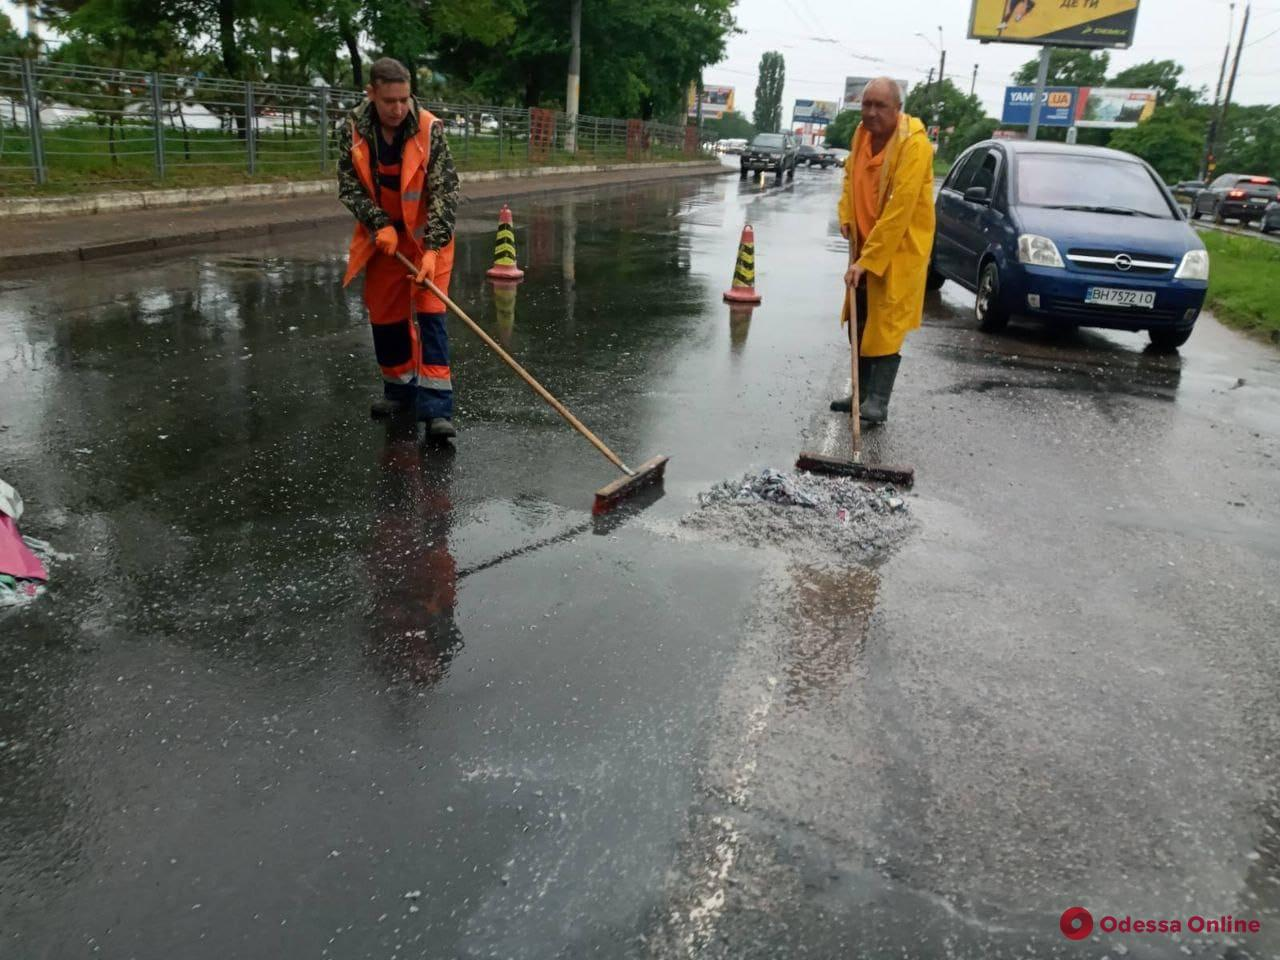 Одеса пішла під воду і перетворилася на Венецію: таким місто ще не бачили